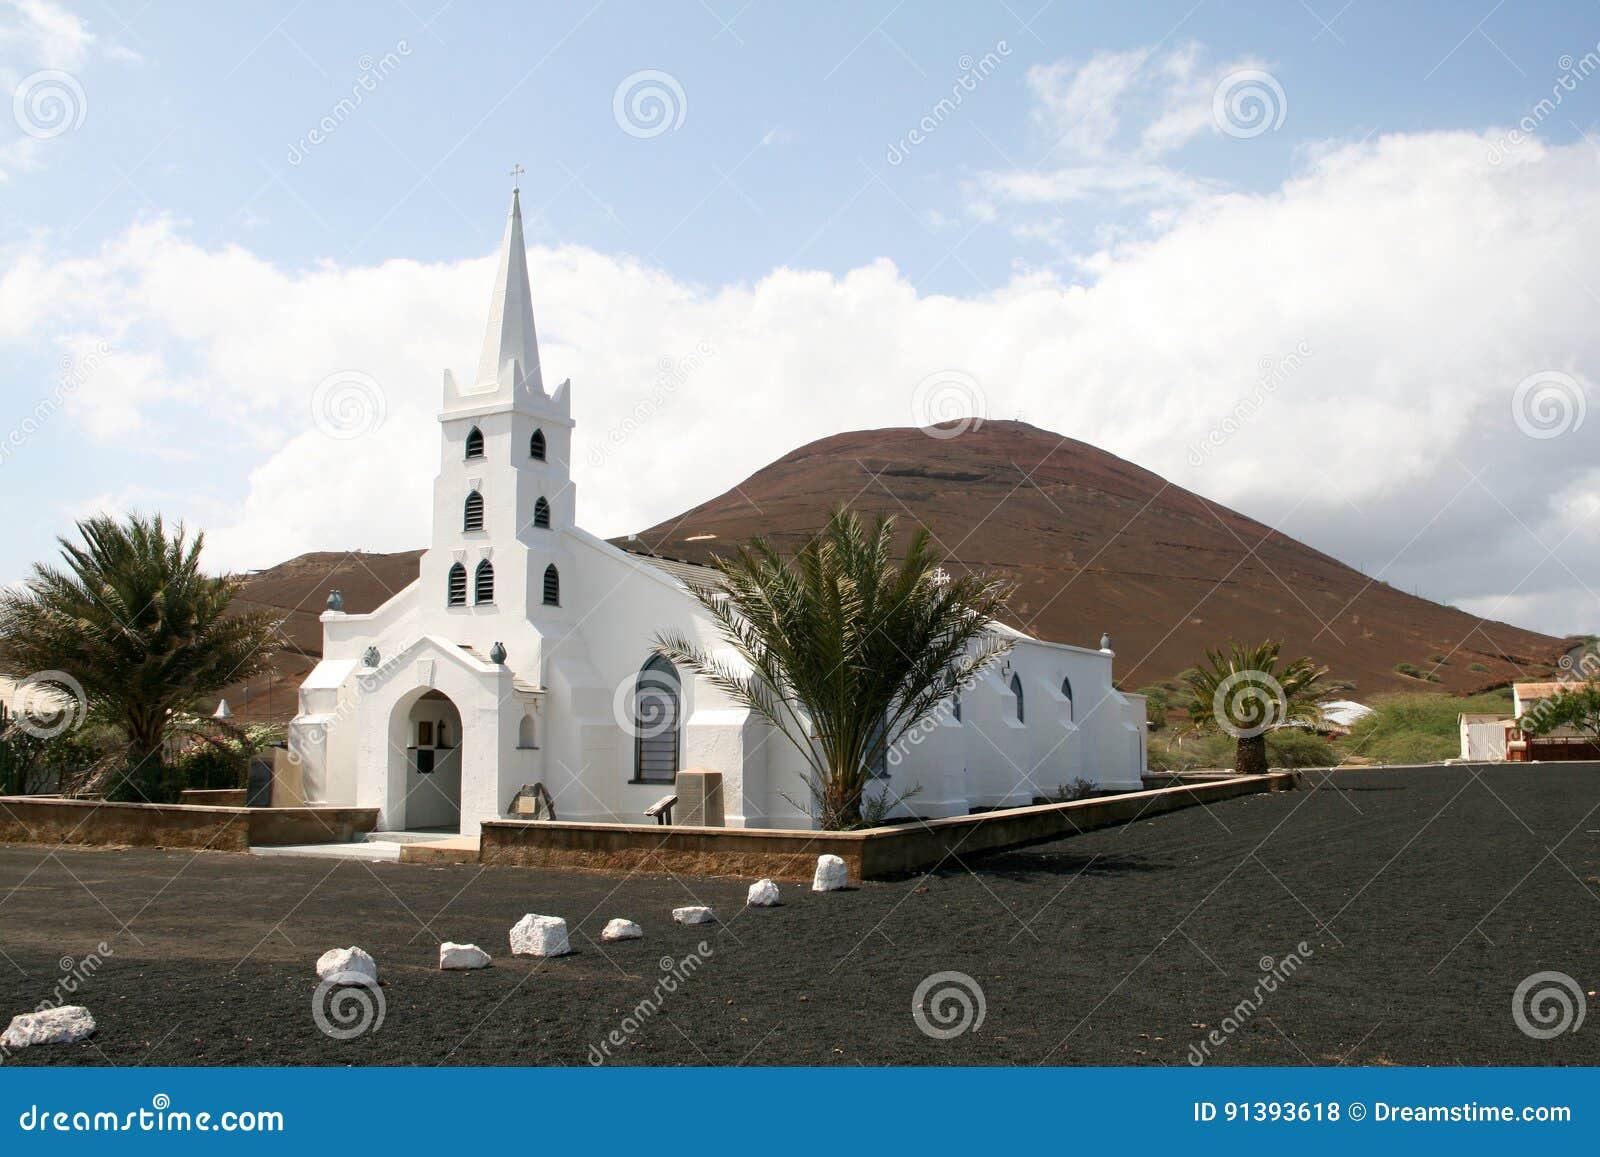 Chiesa, isola di ascensione